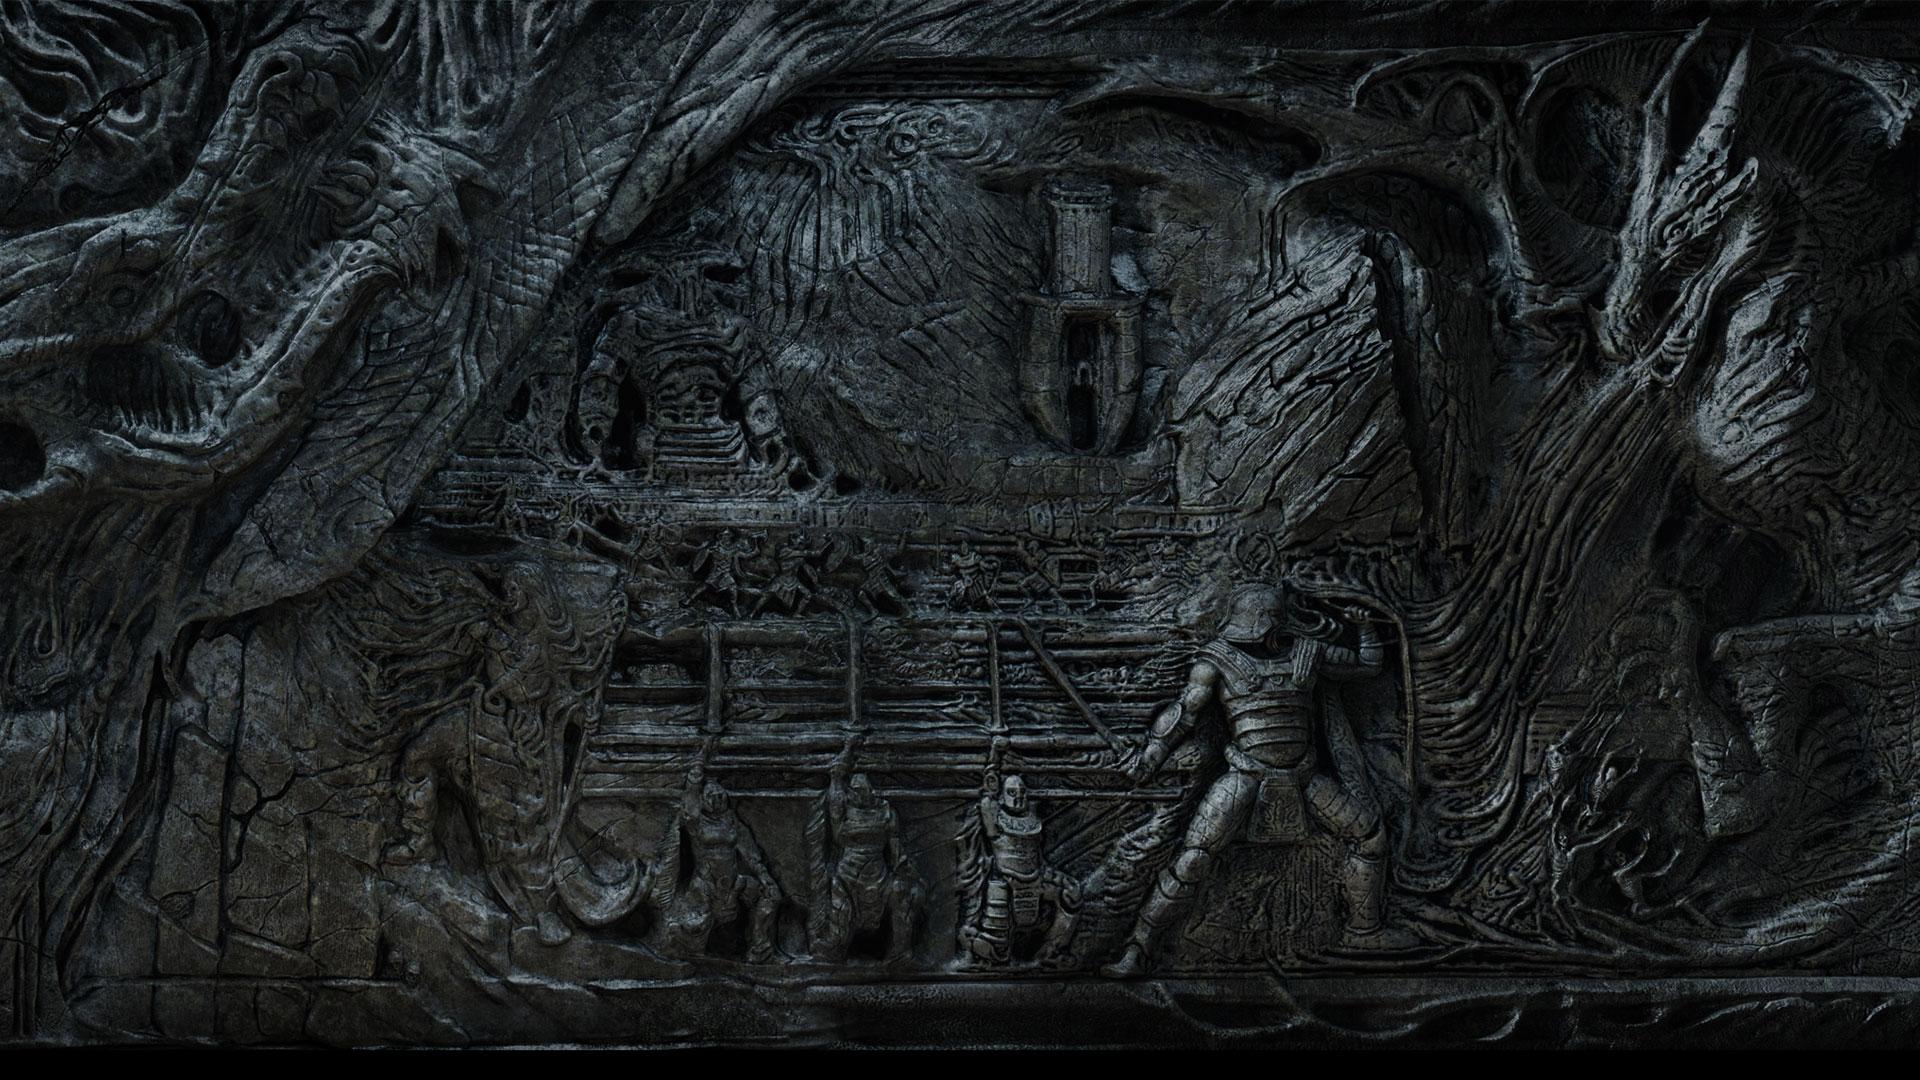 49 1080p Skyrim Wallpaper On Wallpapersafari